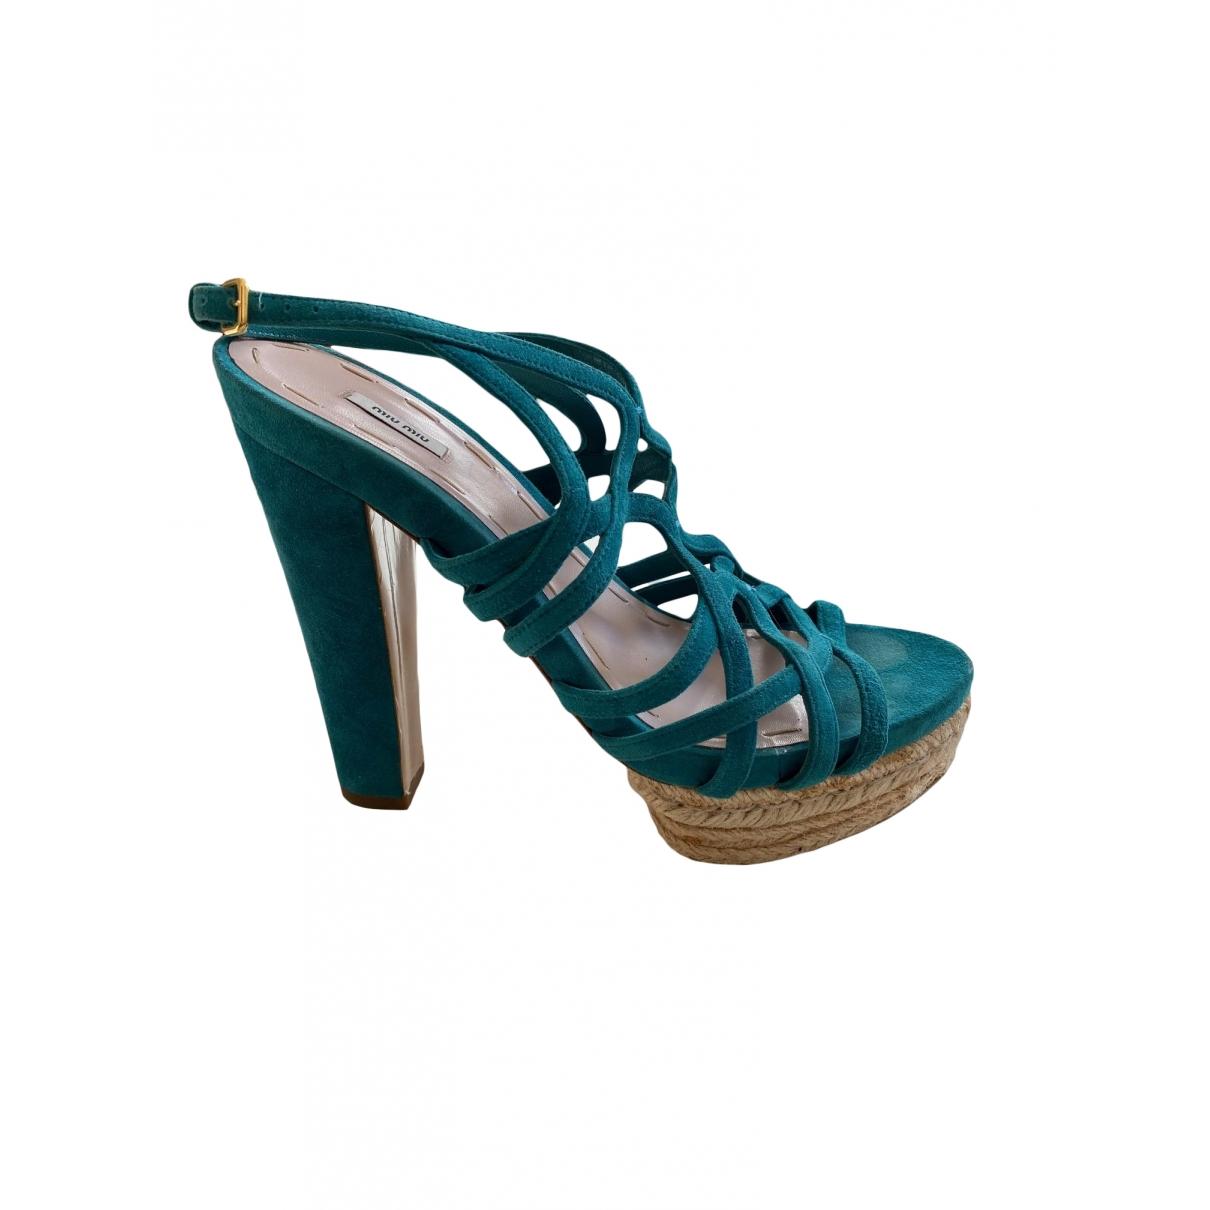 Miu Miu \N Turquoise Suede Sandals for Women 39 EU